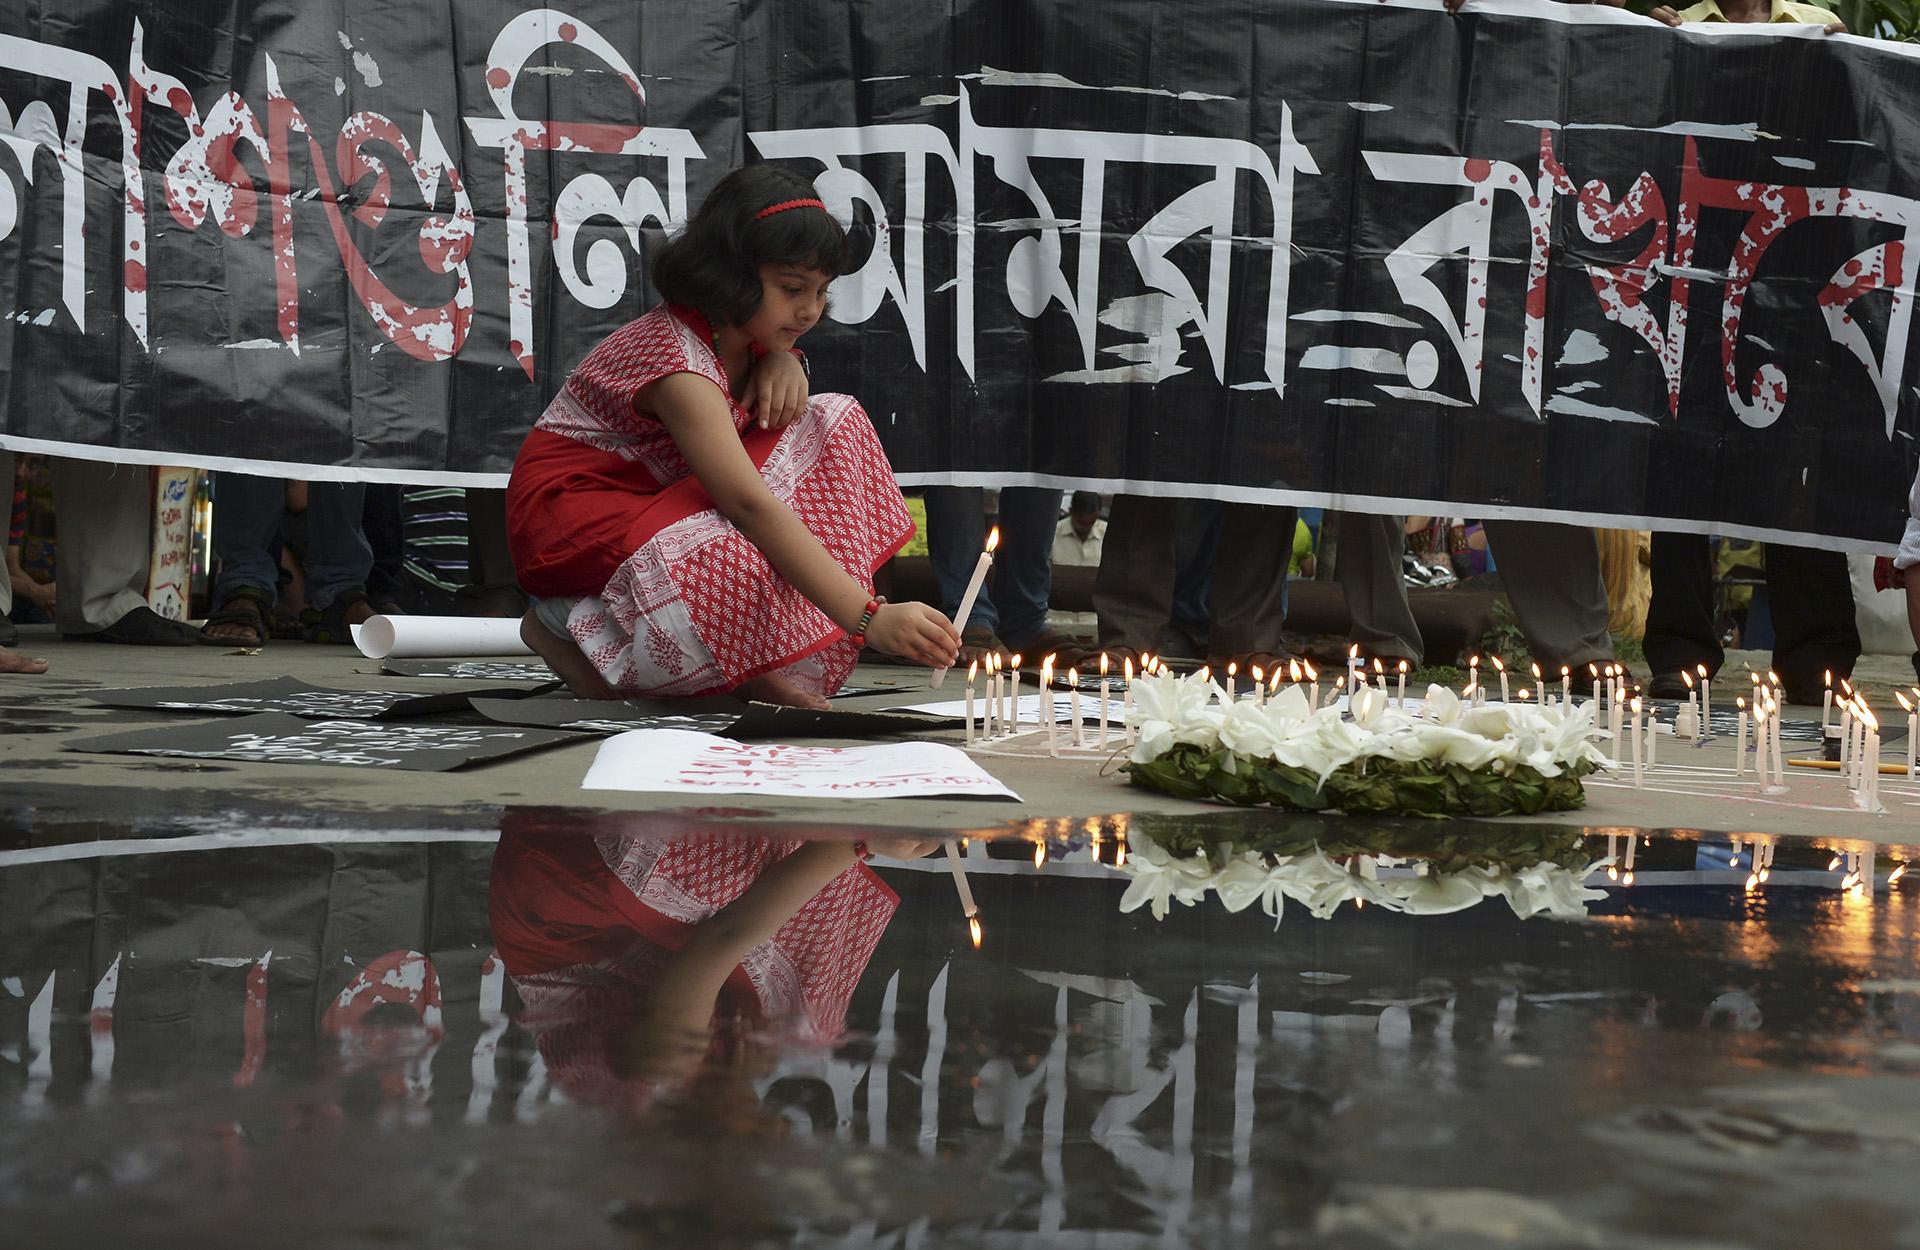 El homenaje a las 24 víctimas del ataque de ISIS a un restaurante en Dacca, Bangladesh (Reuters)